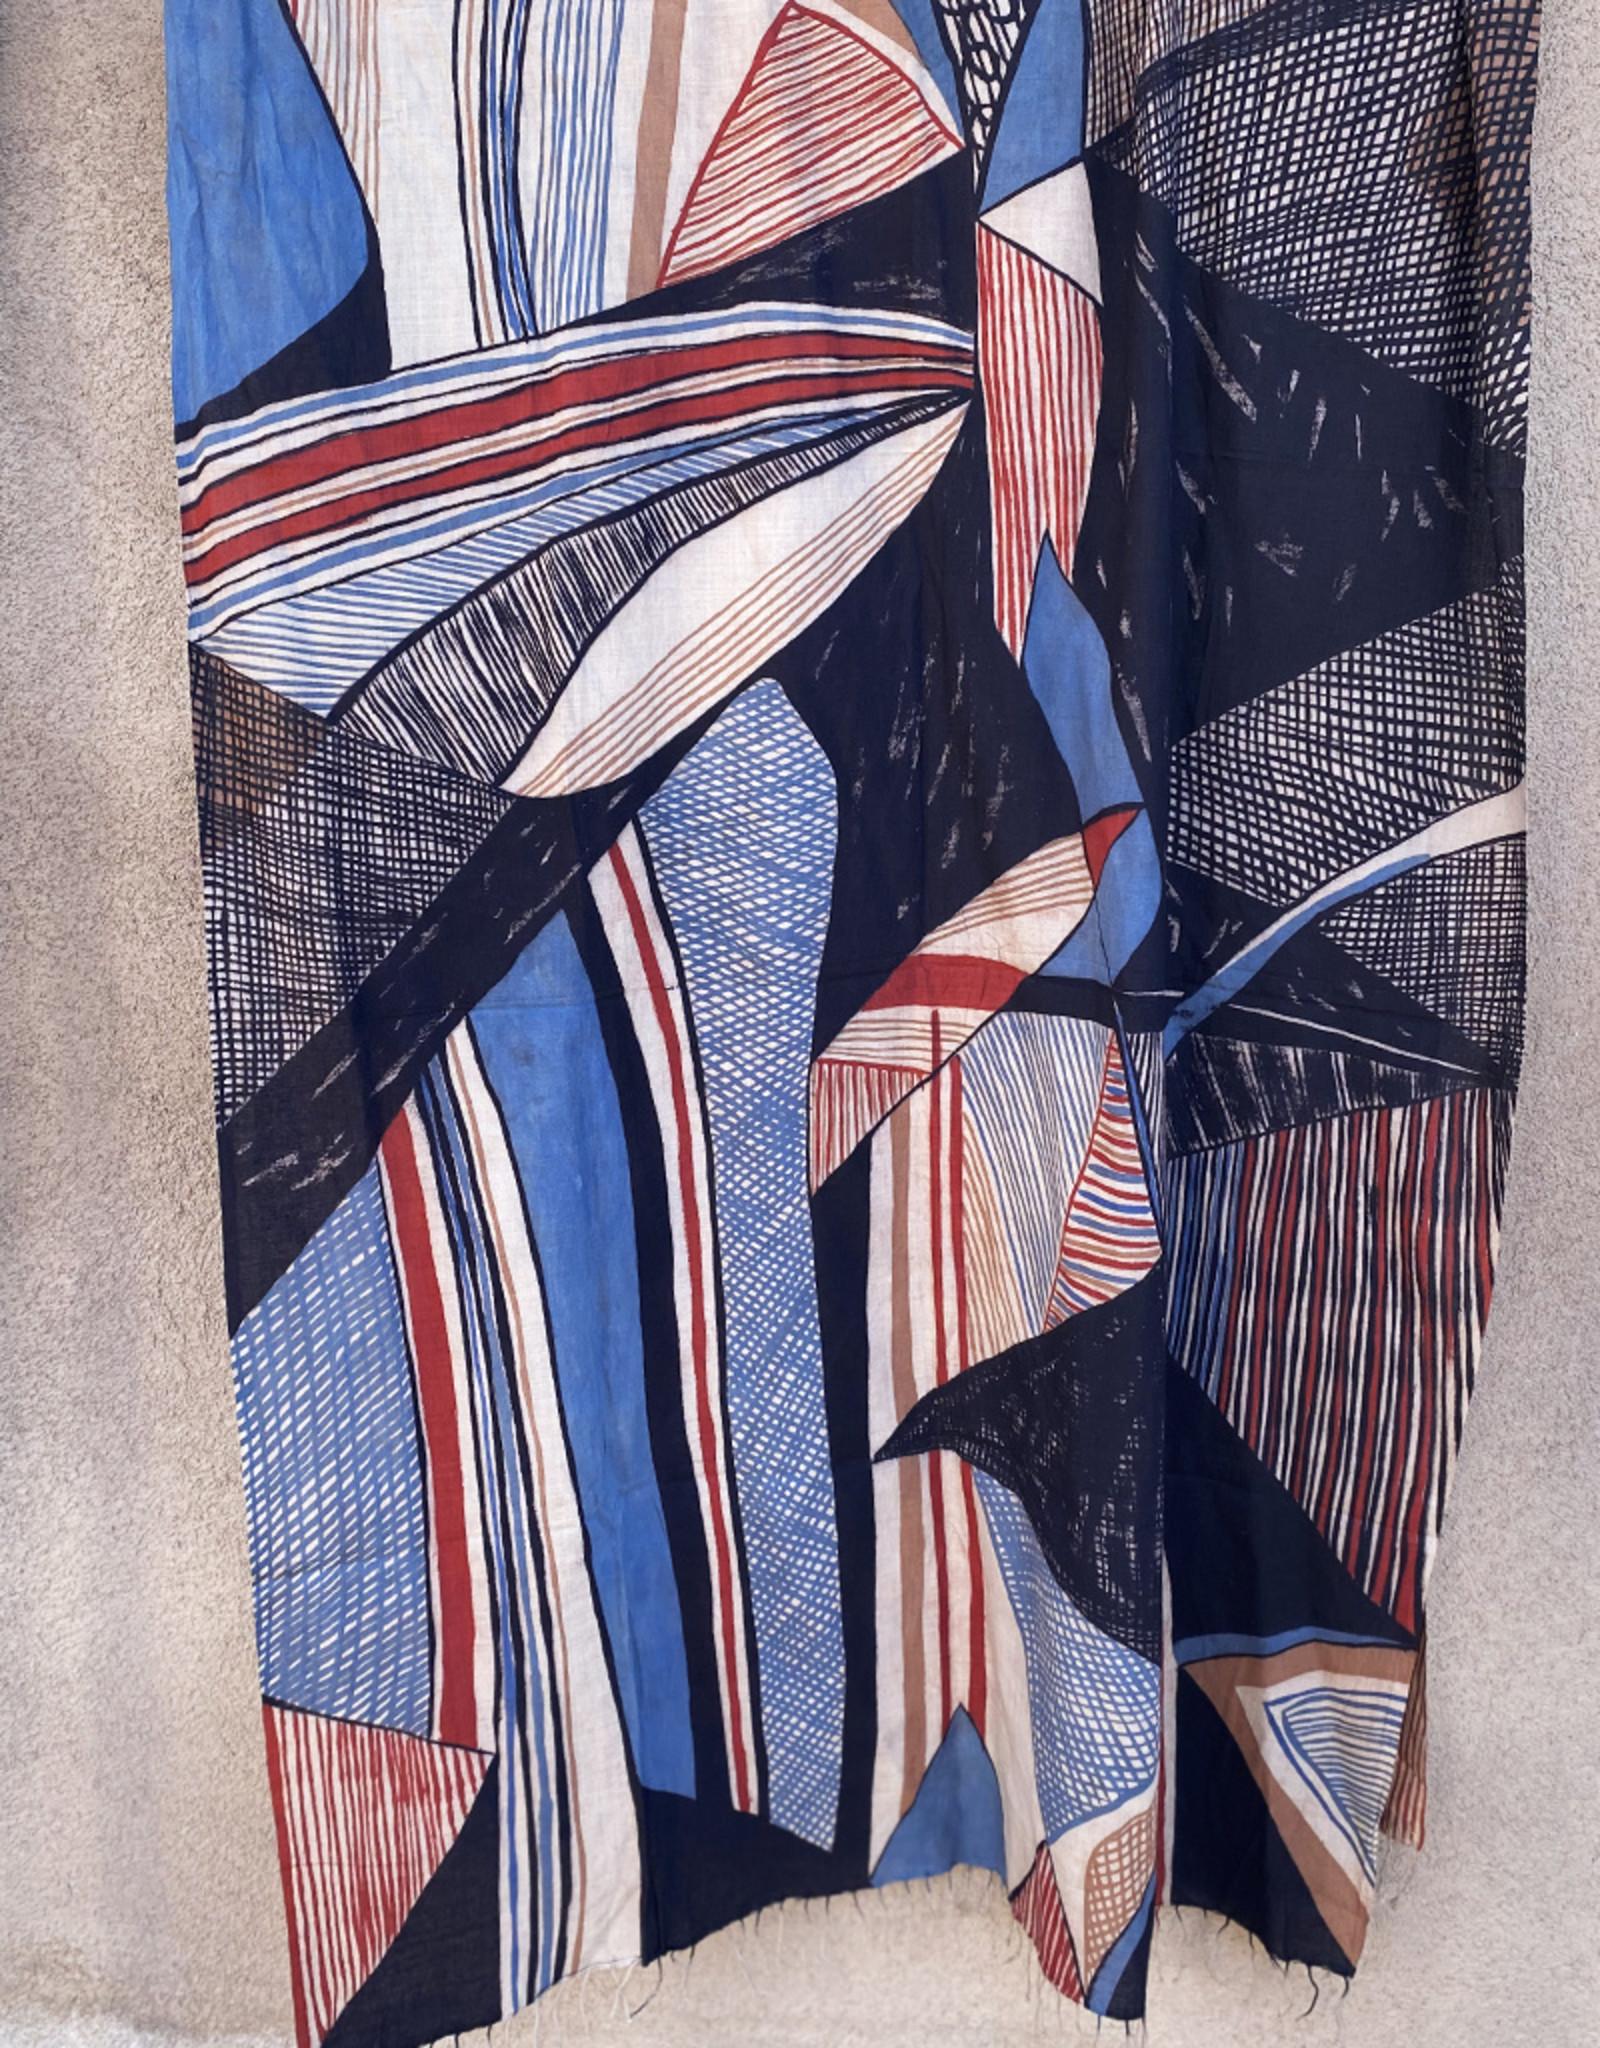 Haridra Hand Painted  Cotton Shawl Abstract 6